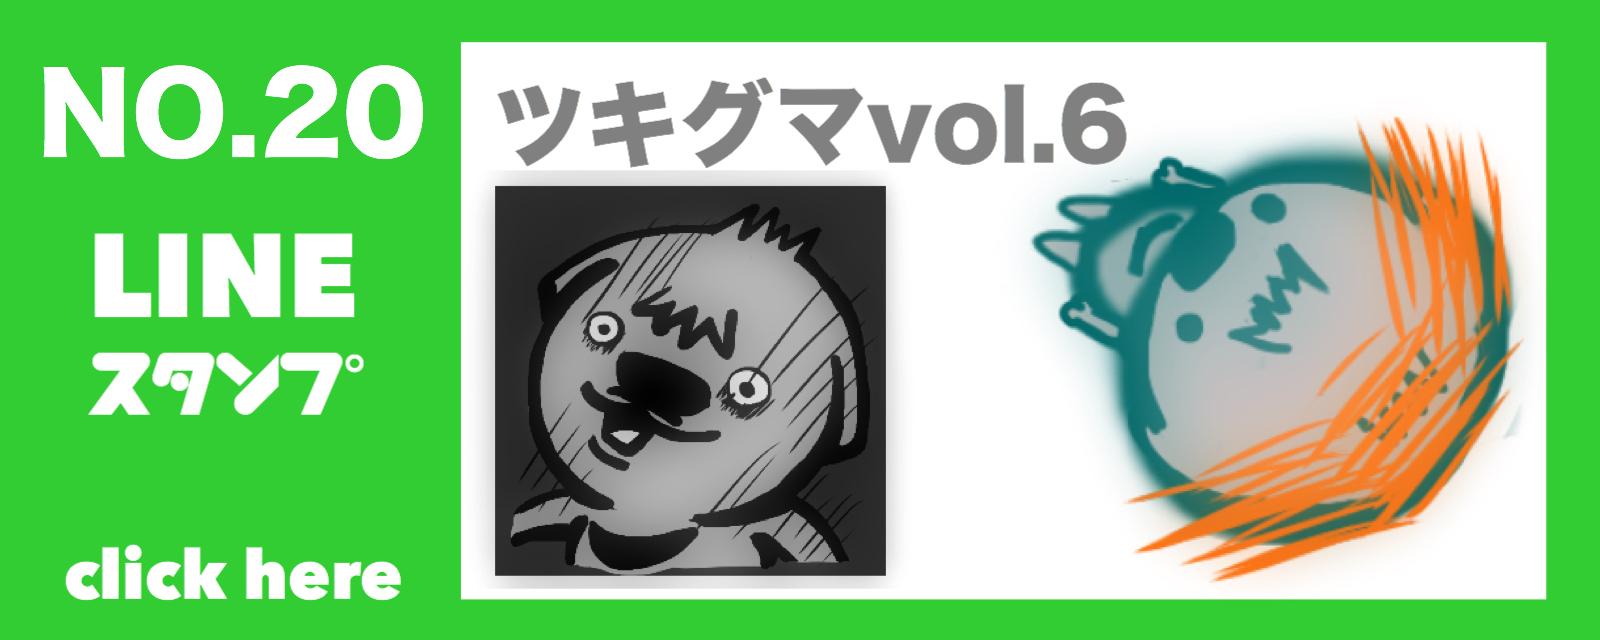 LINEスタンプツキグマシリーズ6